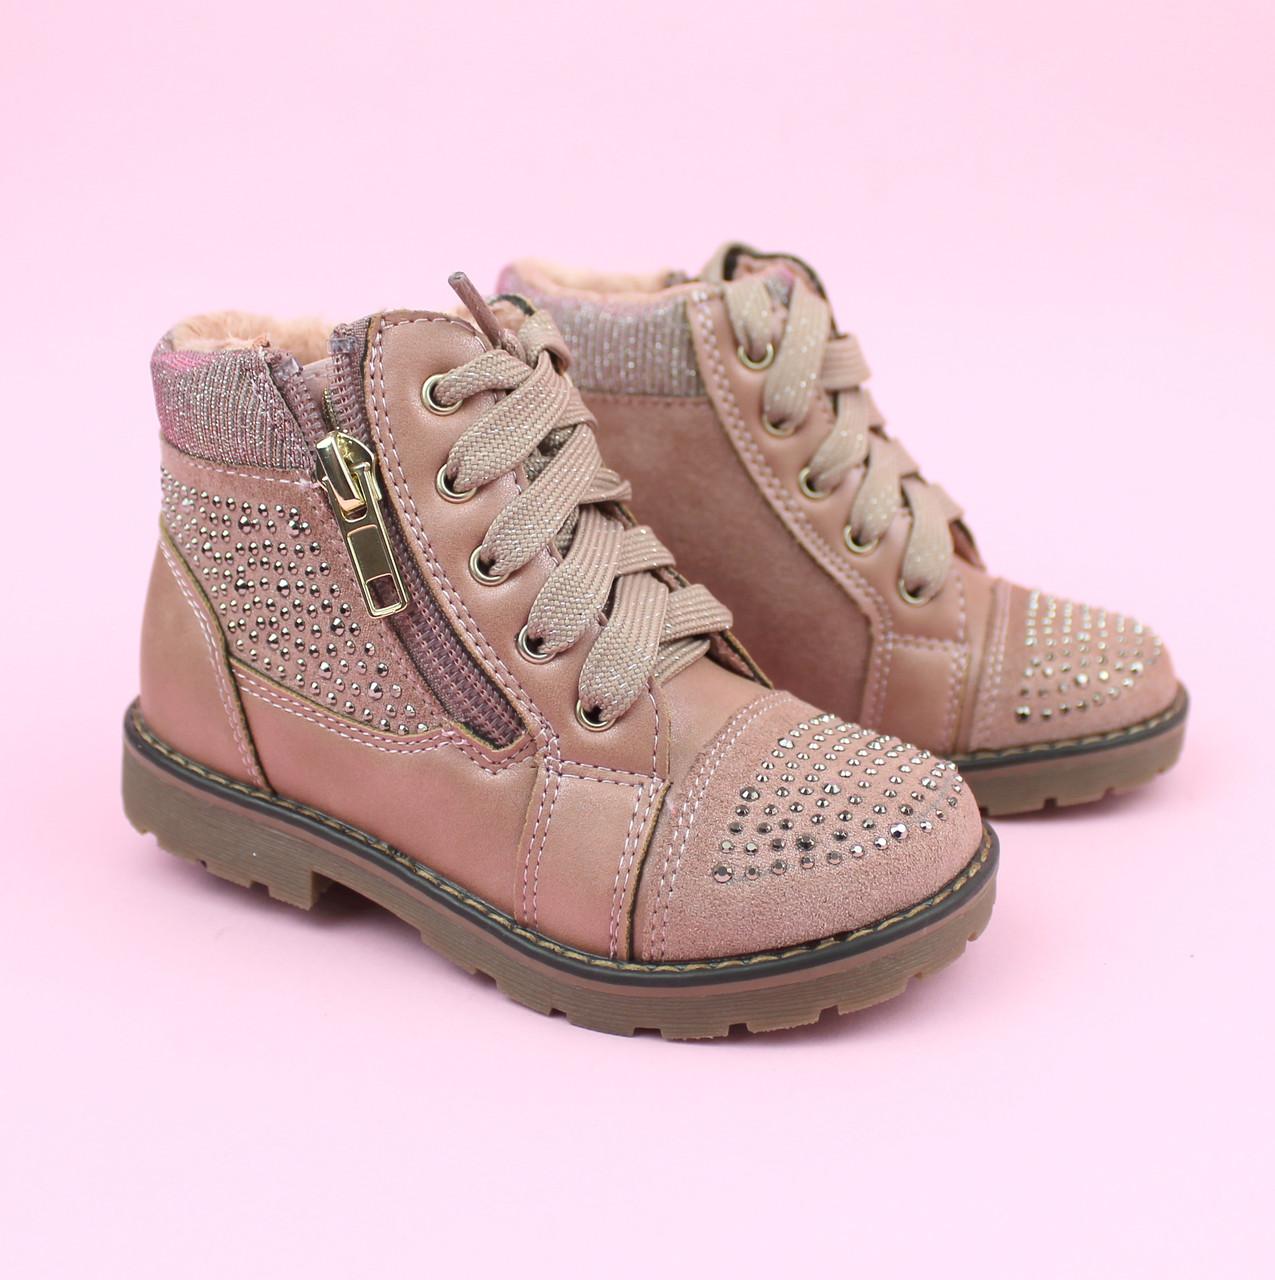 Демисезонные розовые ботинки для девочки Стразы тм Bi&Ki размер 29